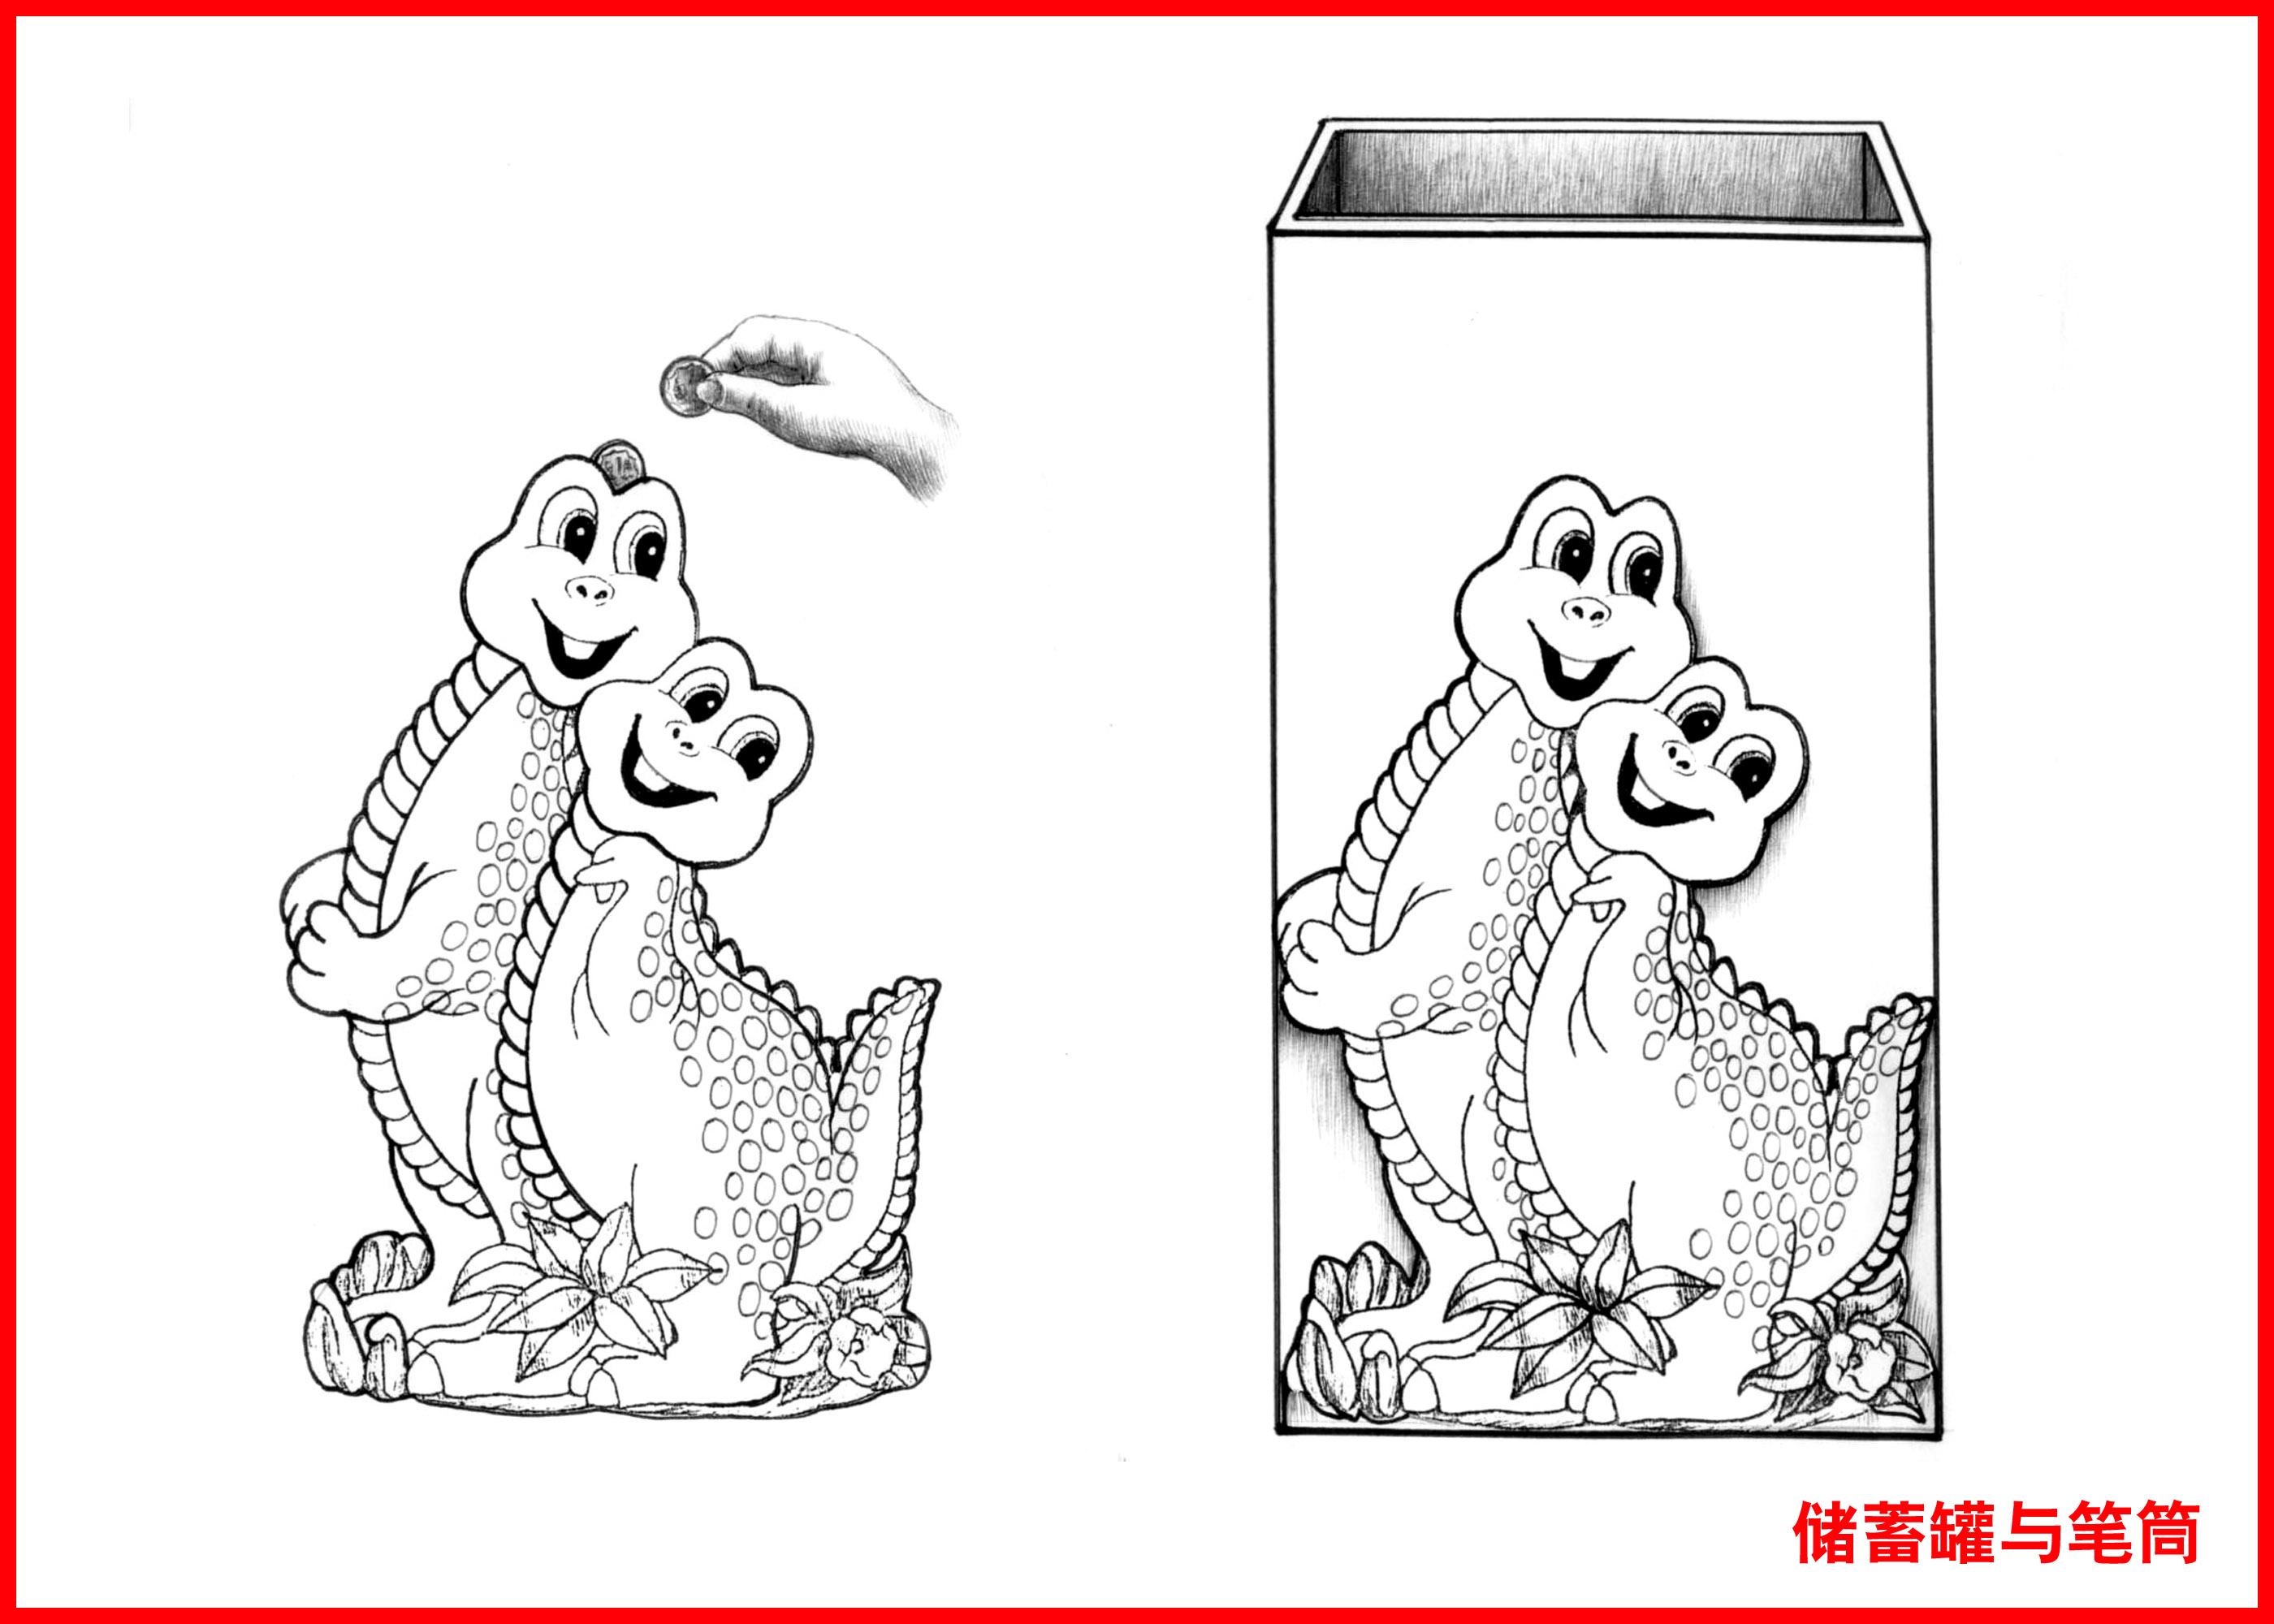 恐龙形象系列礼品设计方案(1)---储蓄罐与笔筒